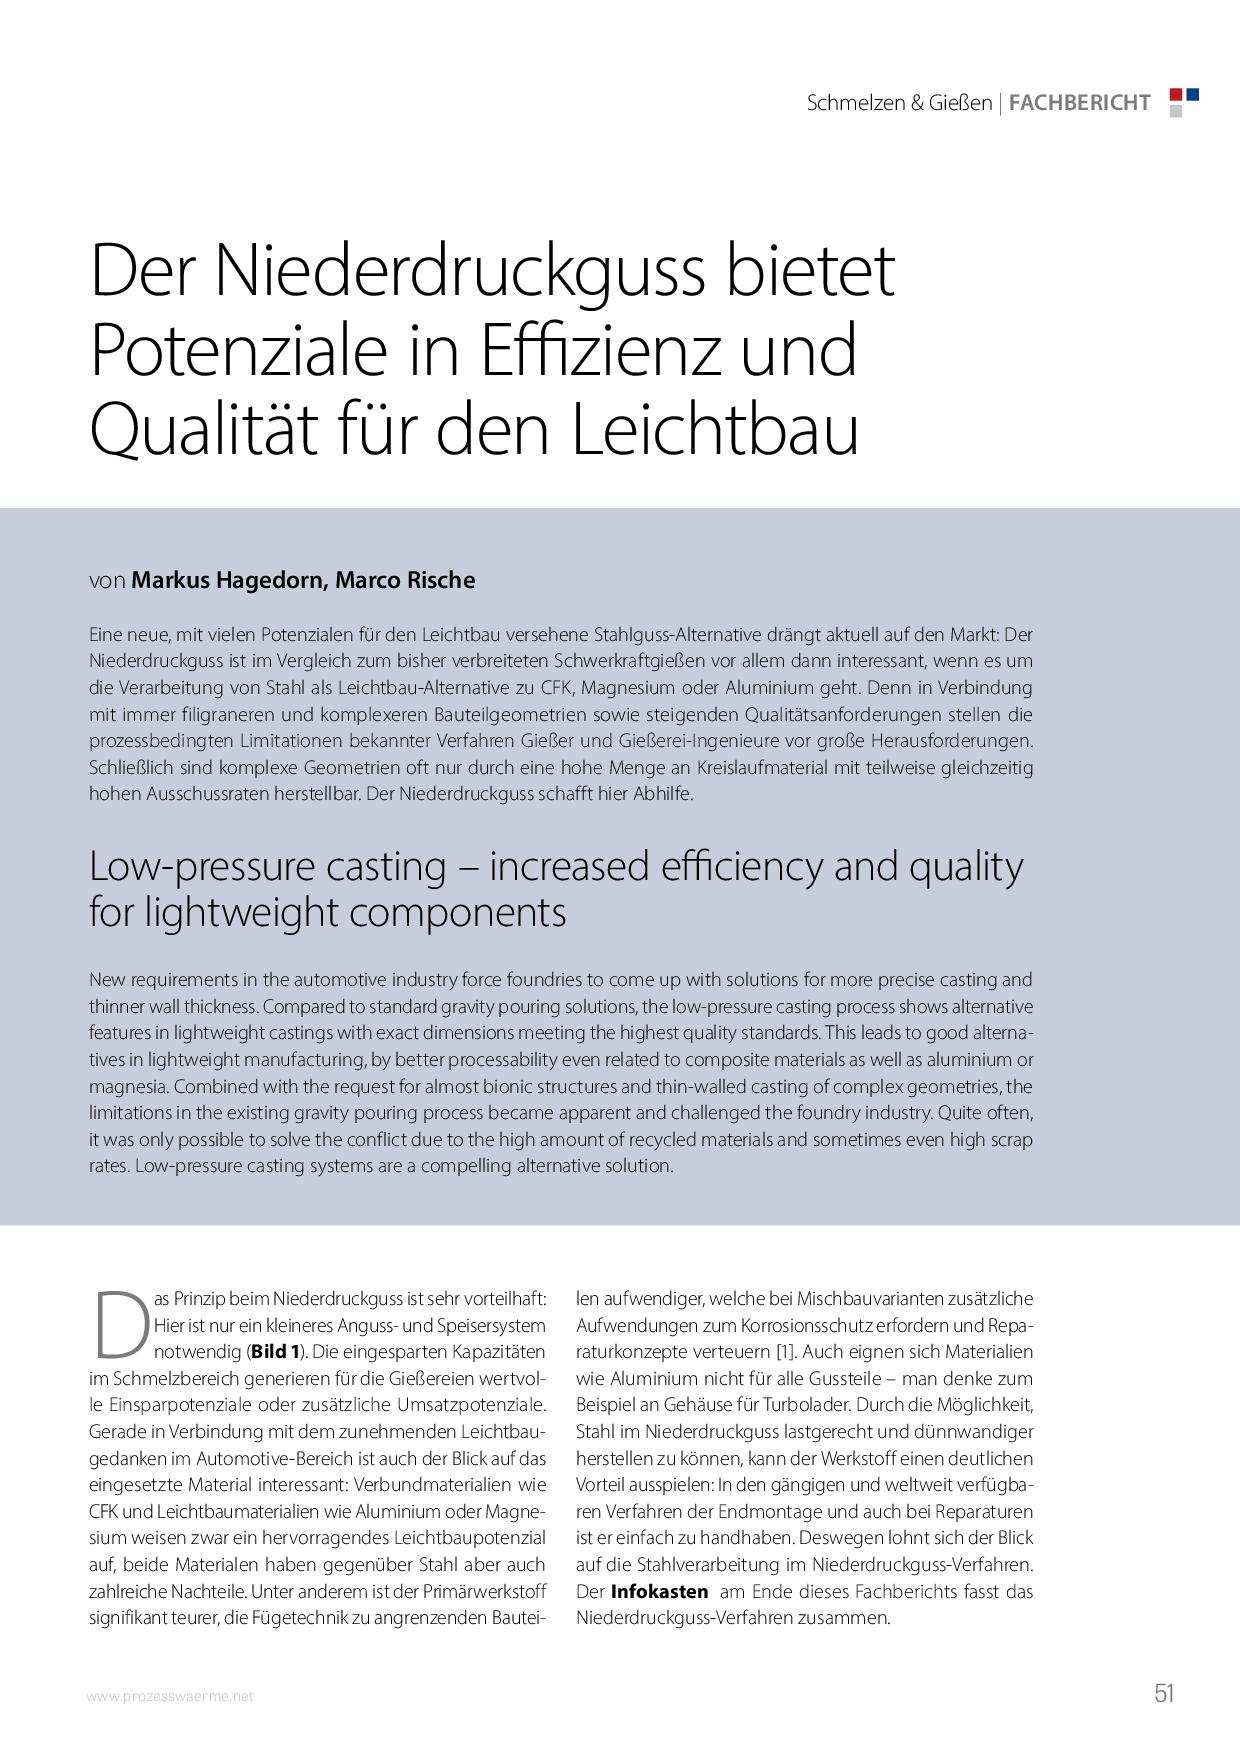 Der Niederdruckguss bietet Potenziale in Effizienz und Qualität für den Leichtbau